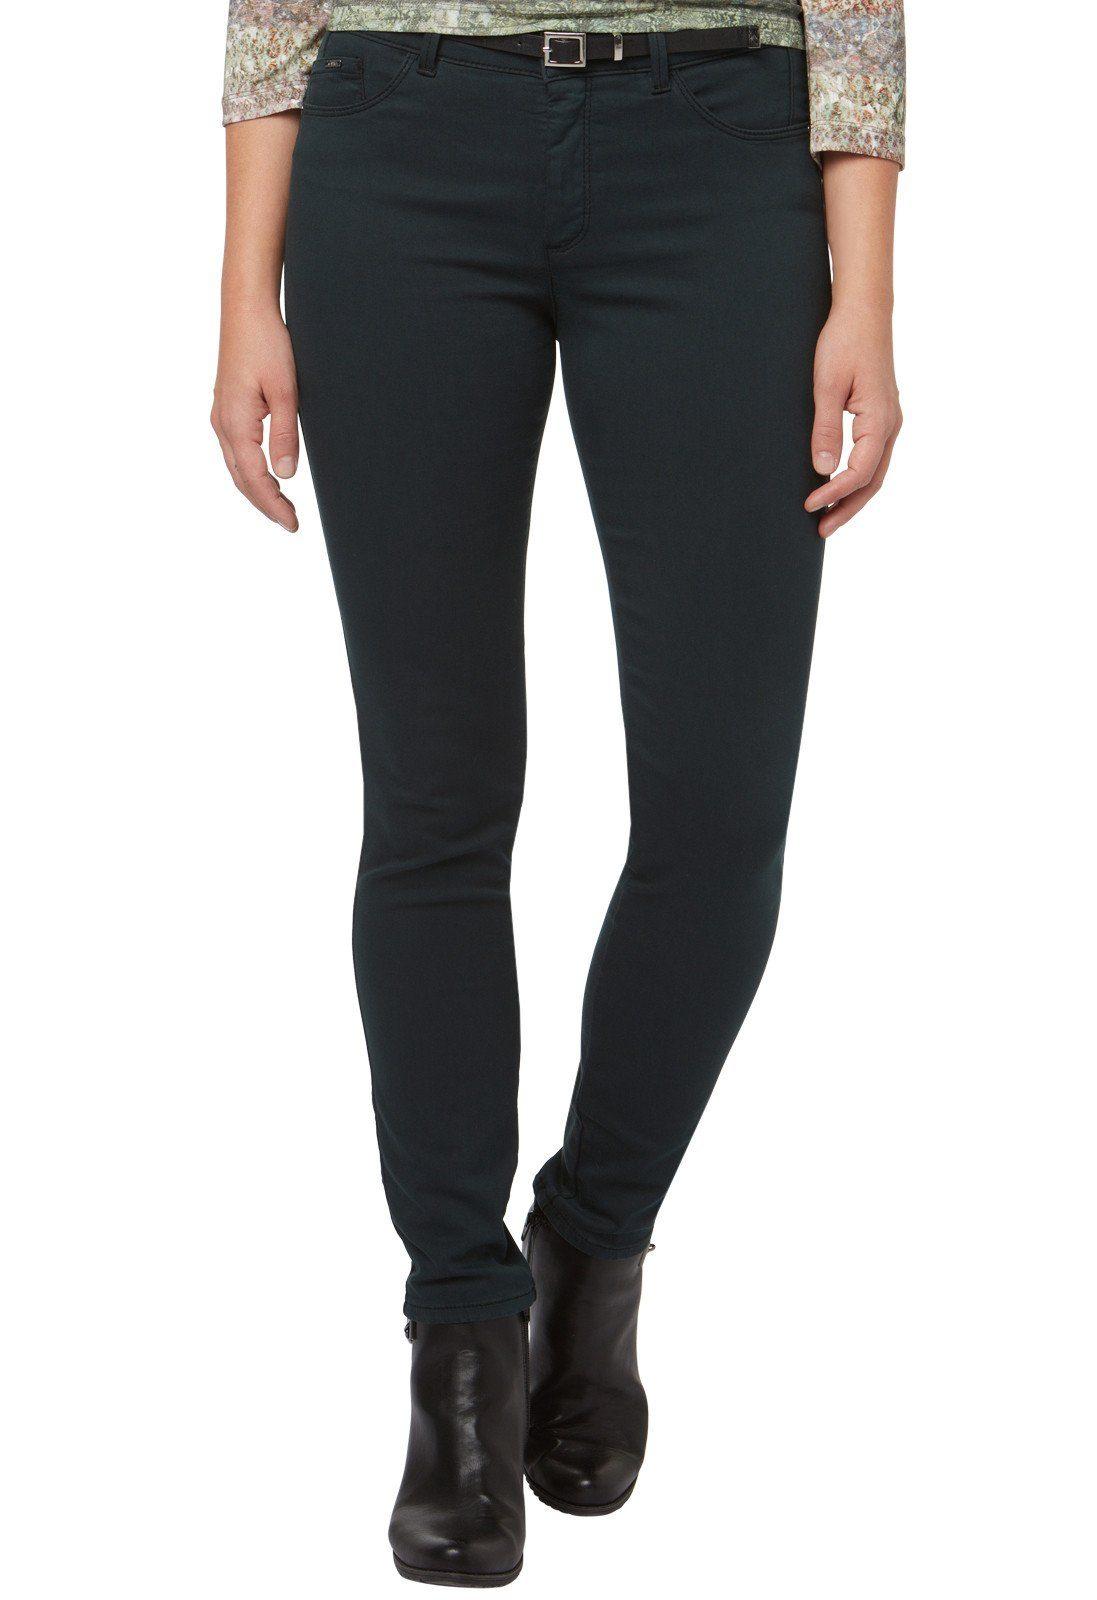 Bonita Dana Basic Jeans